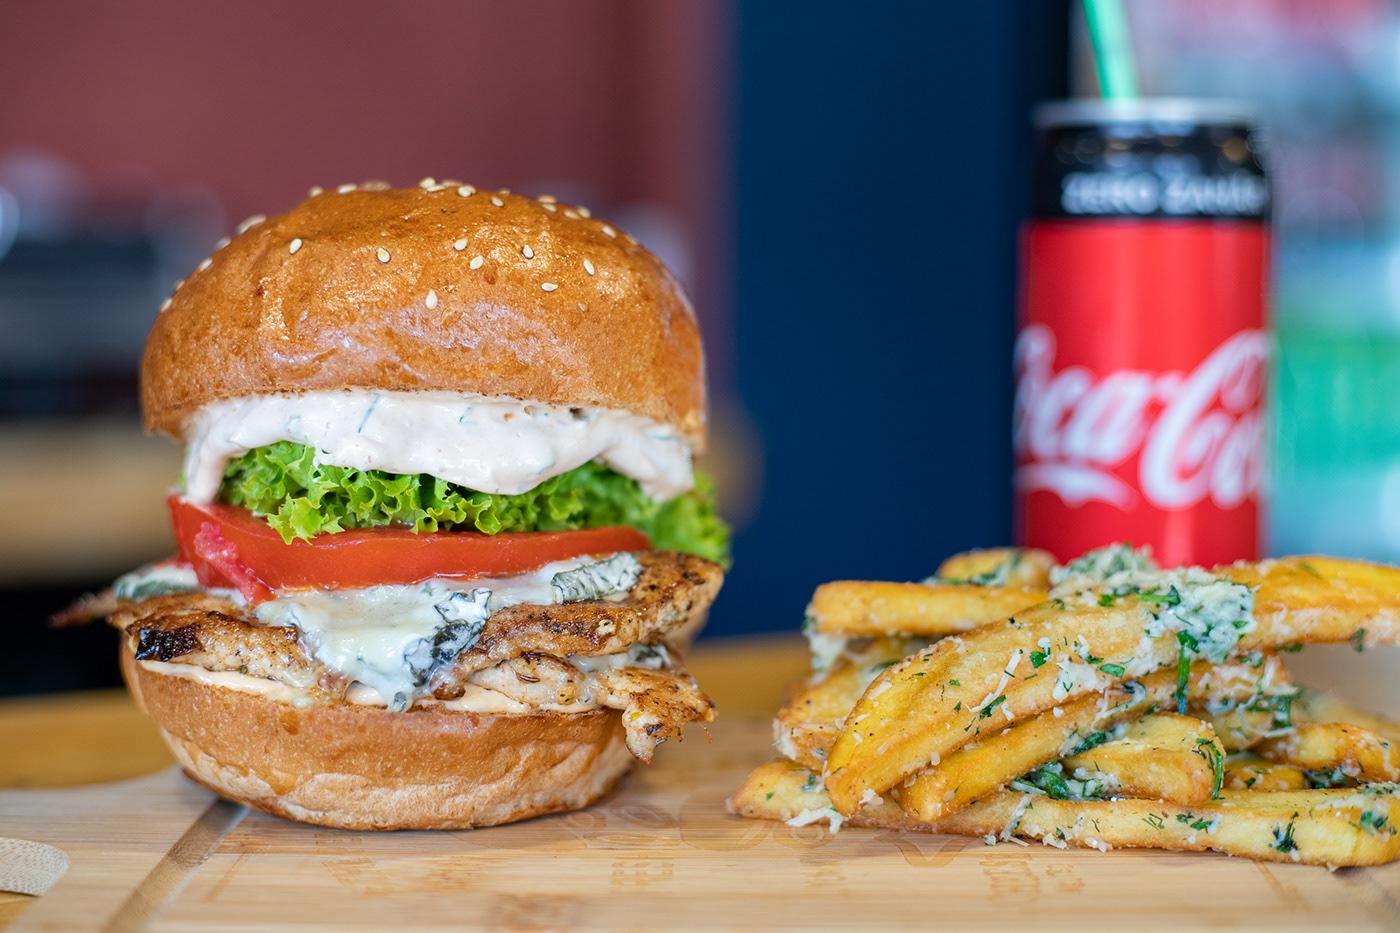 Image may contain: fast food, food and hamburger